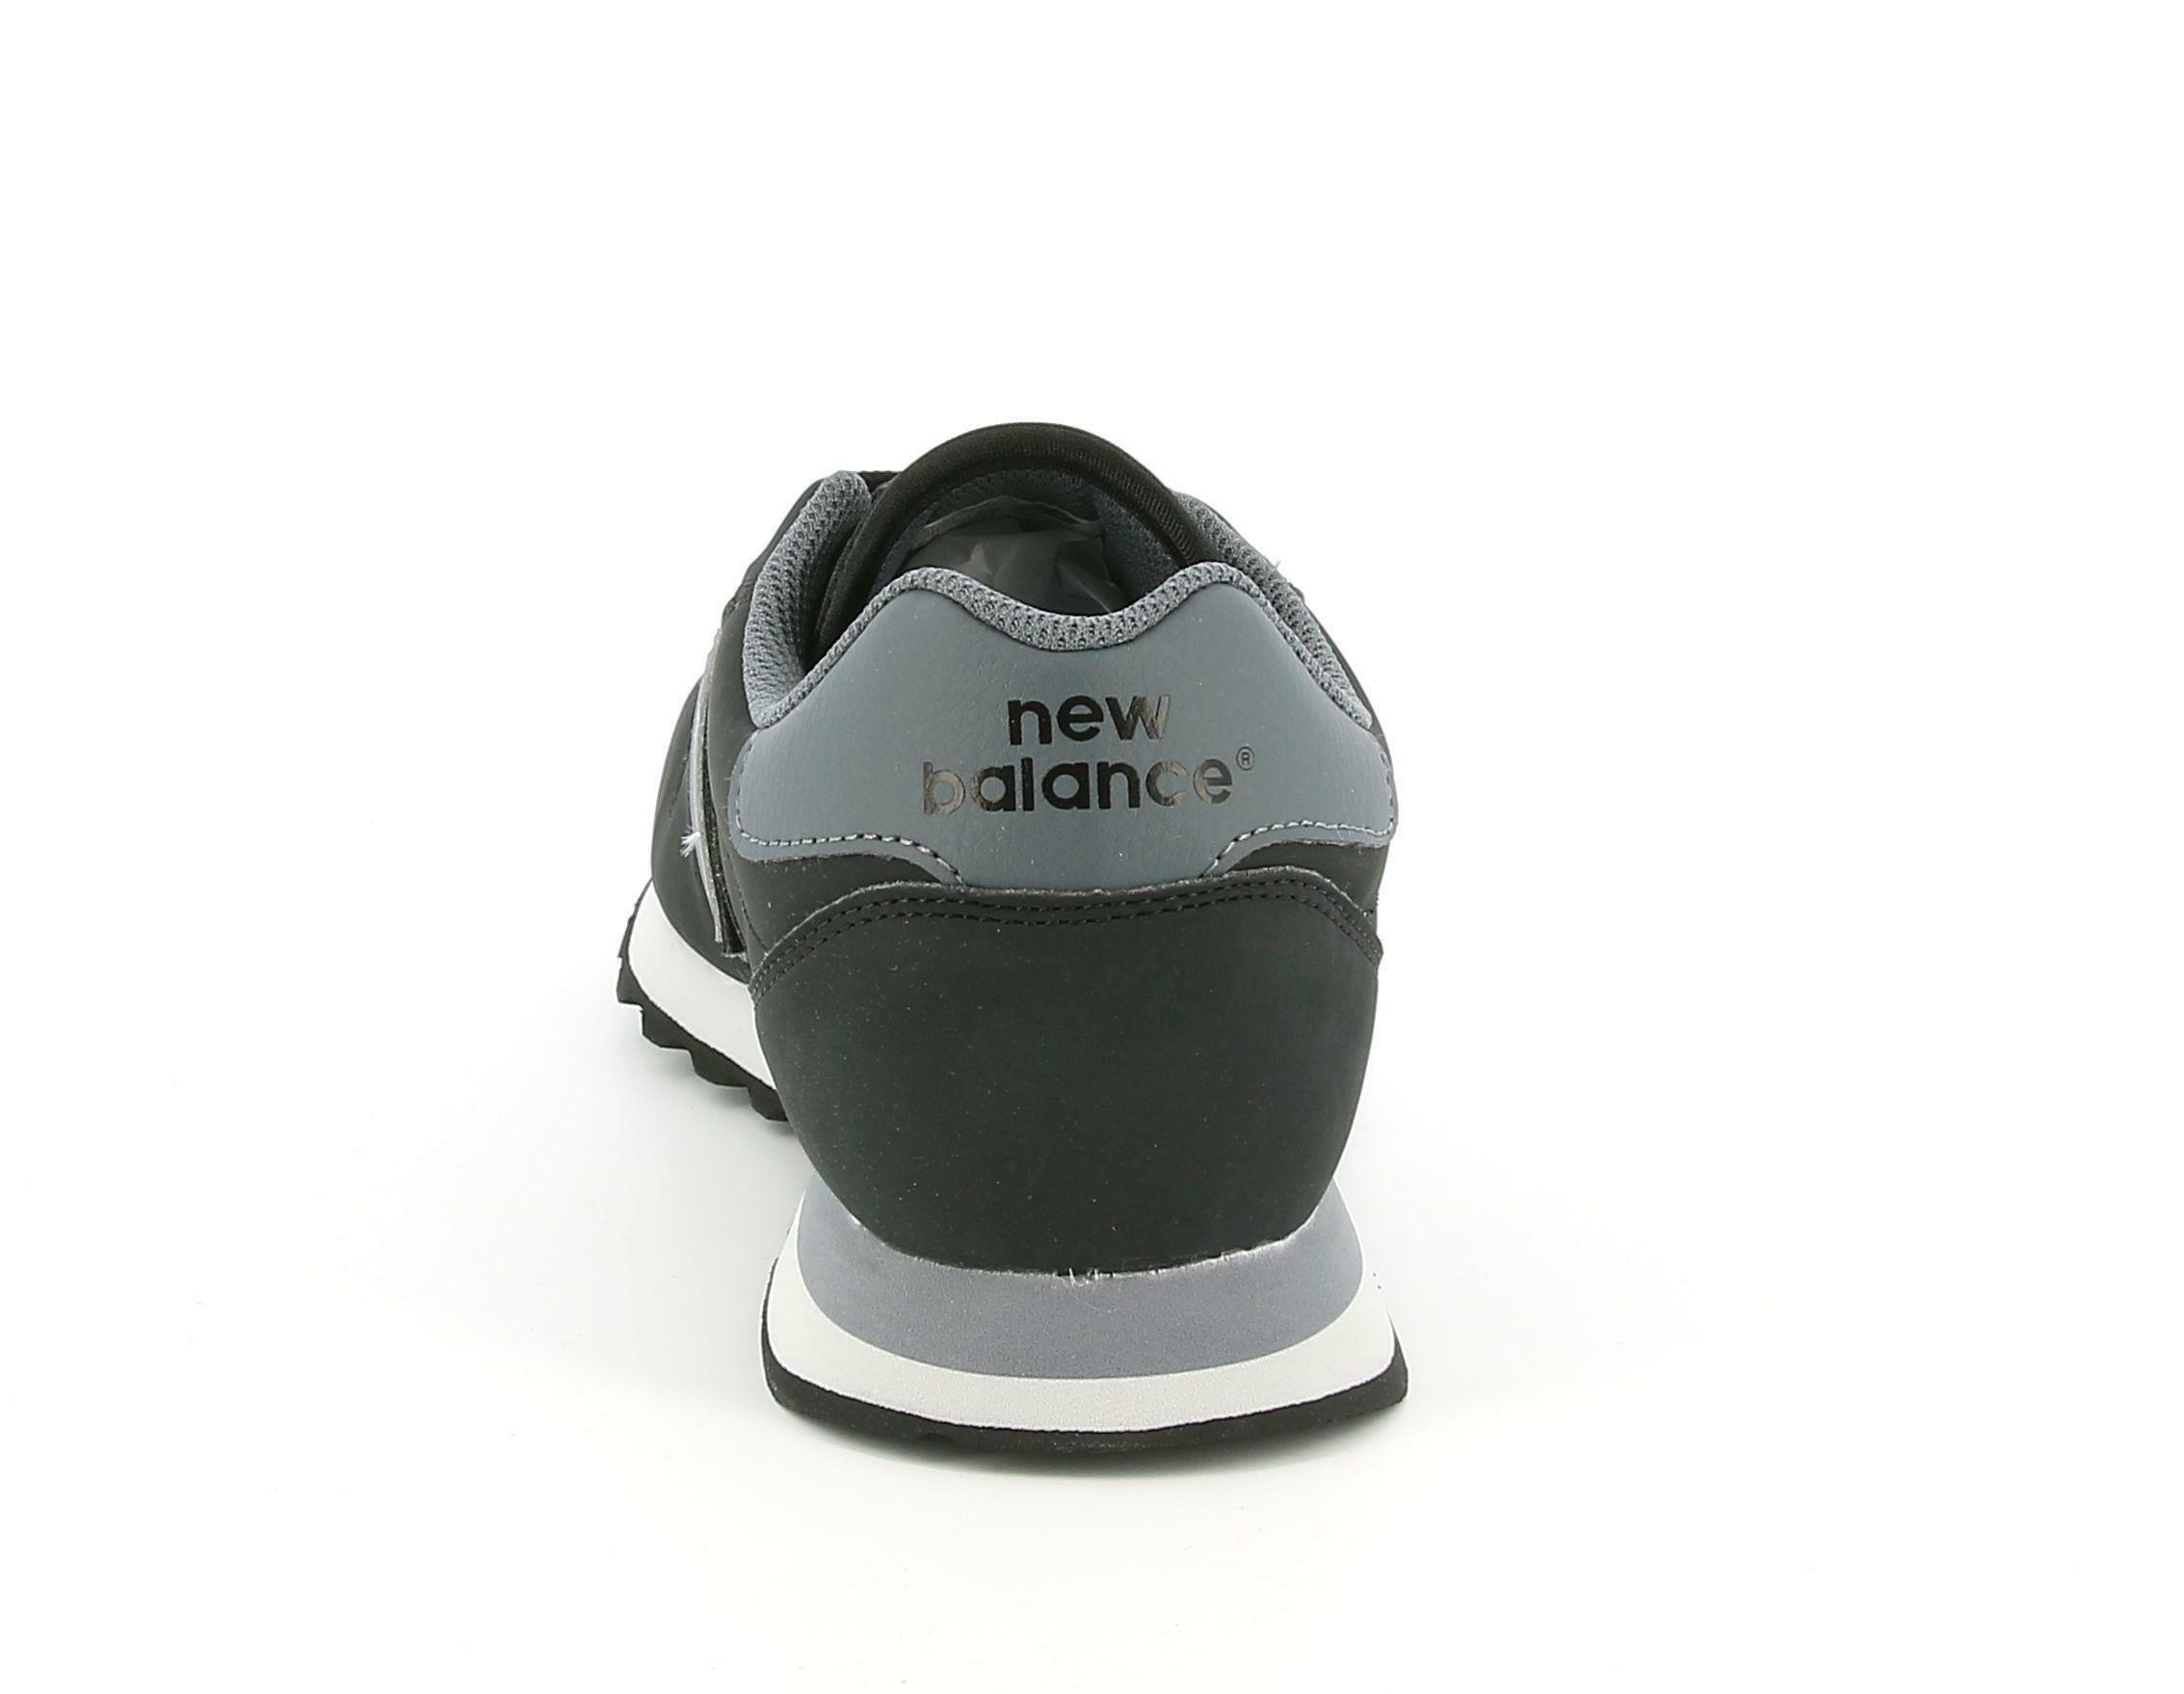 new balance new balance sportivo gm500la1 nero scarpe sportive uomo